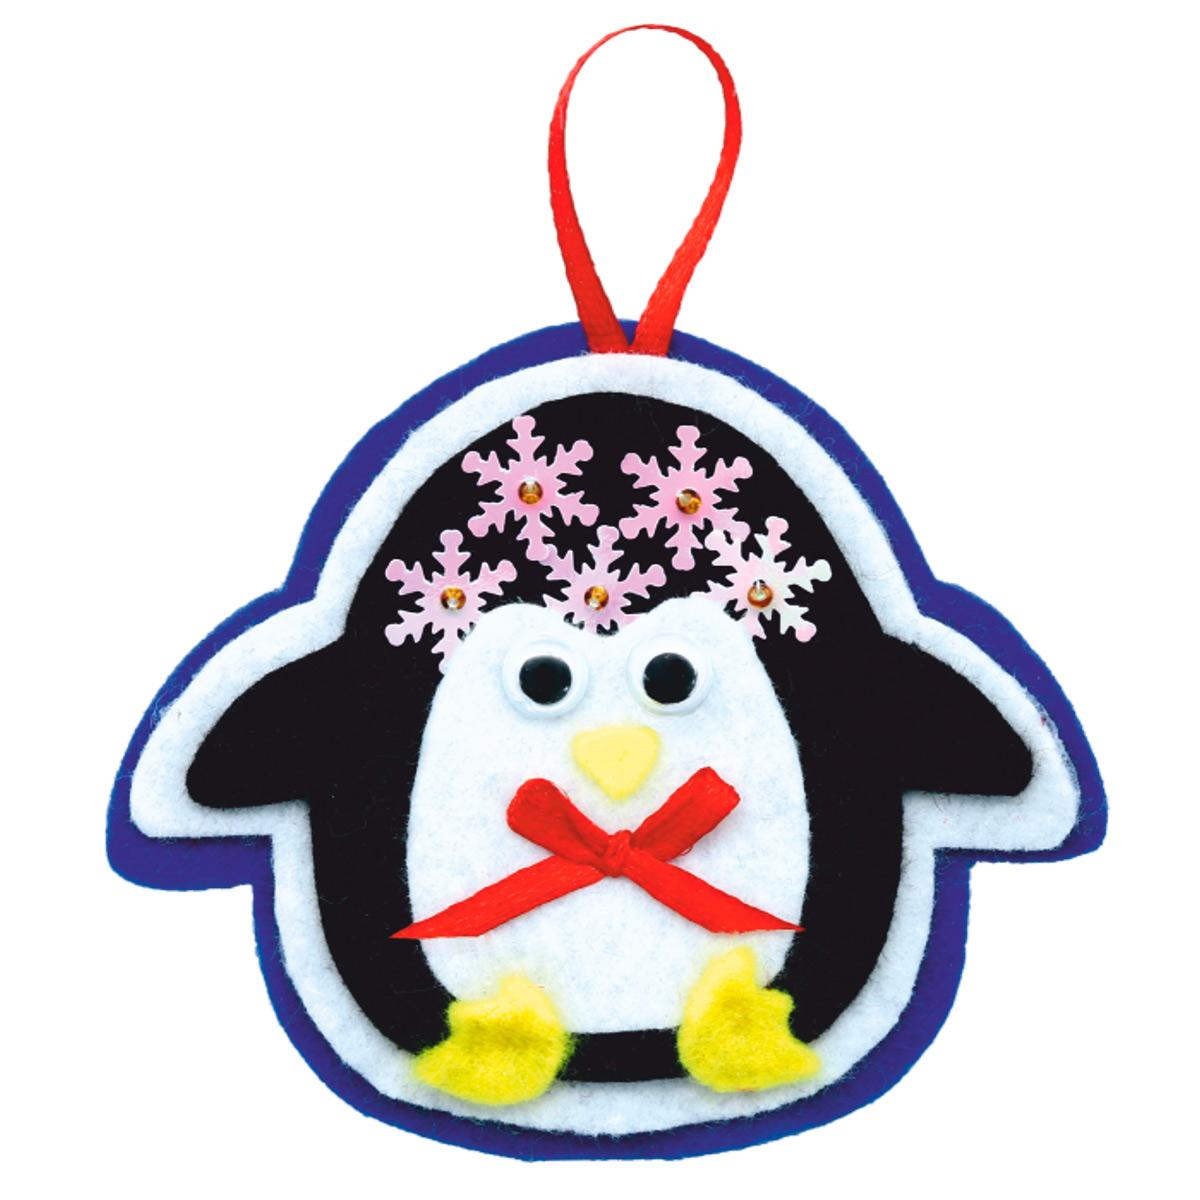 МИФ-100 Набор для творчества Созвездие 'Пингвинёнок Чип' 9*7,5 см